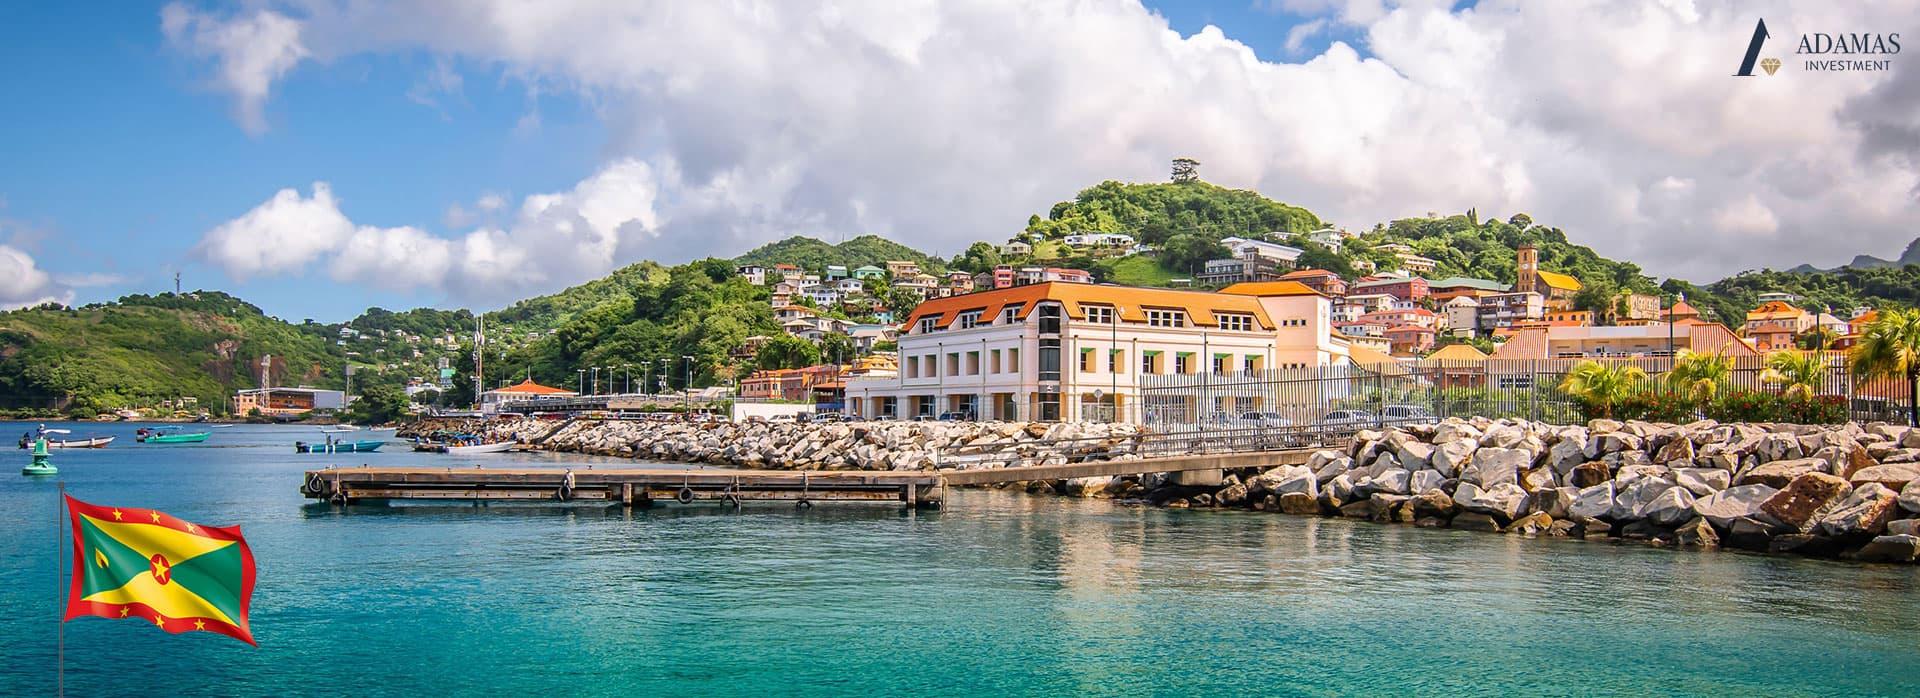 Quyền lời nhà đầu tư tại Grenada